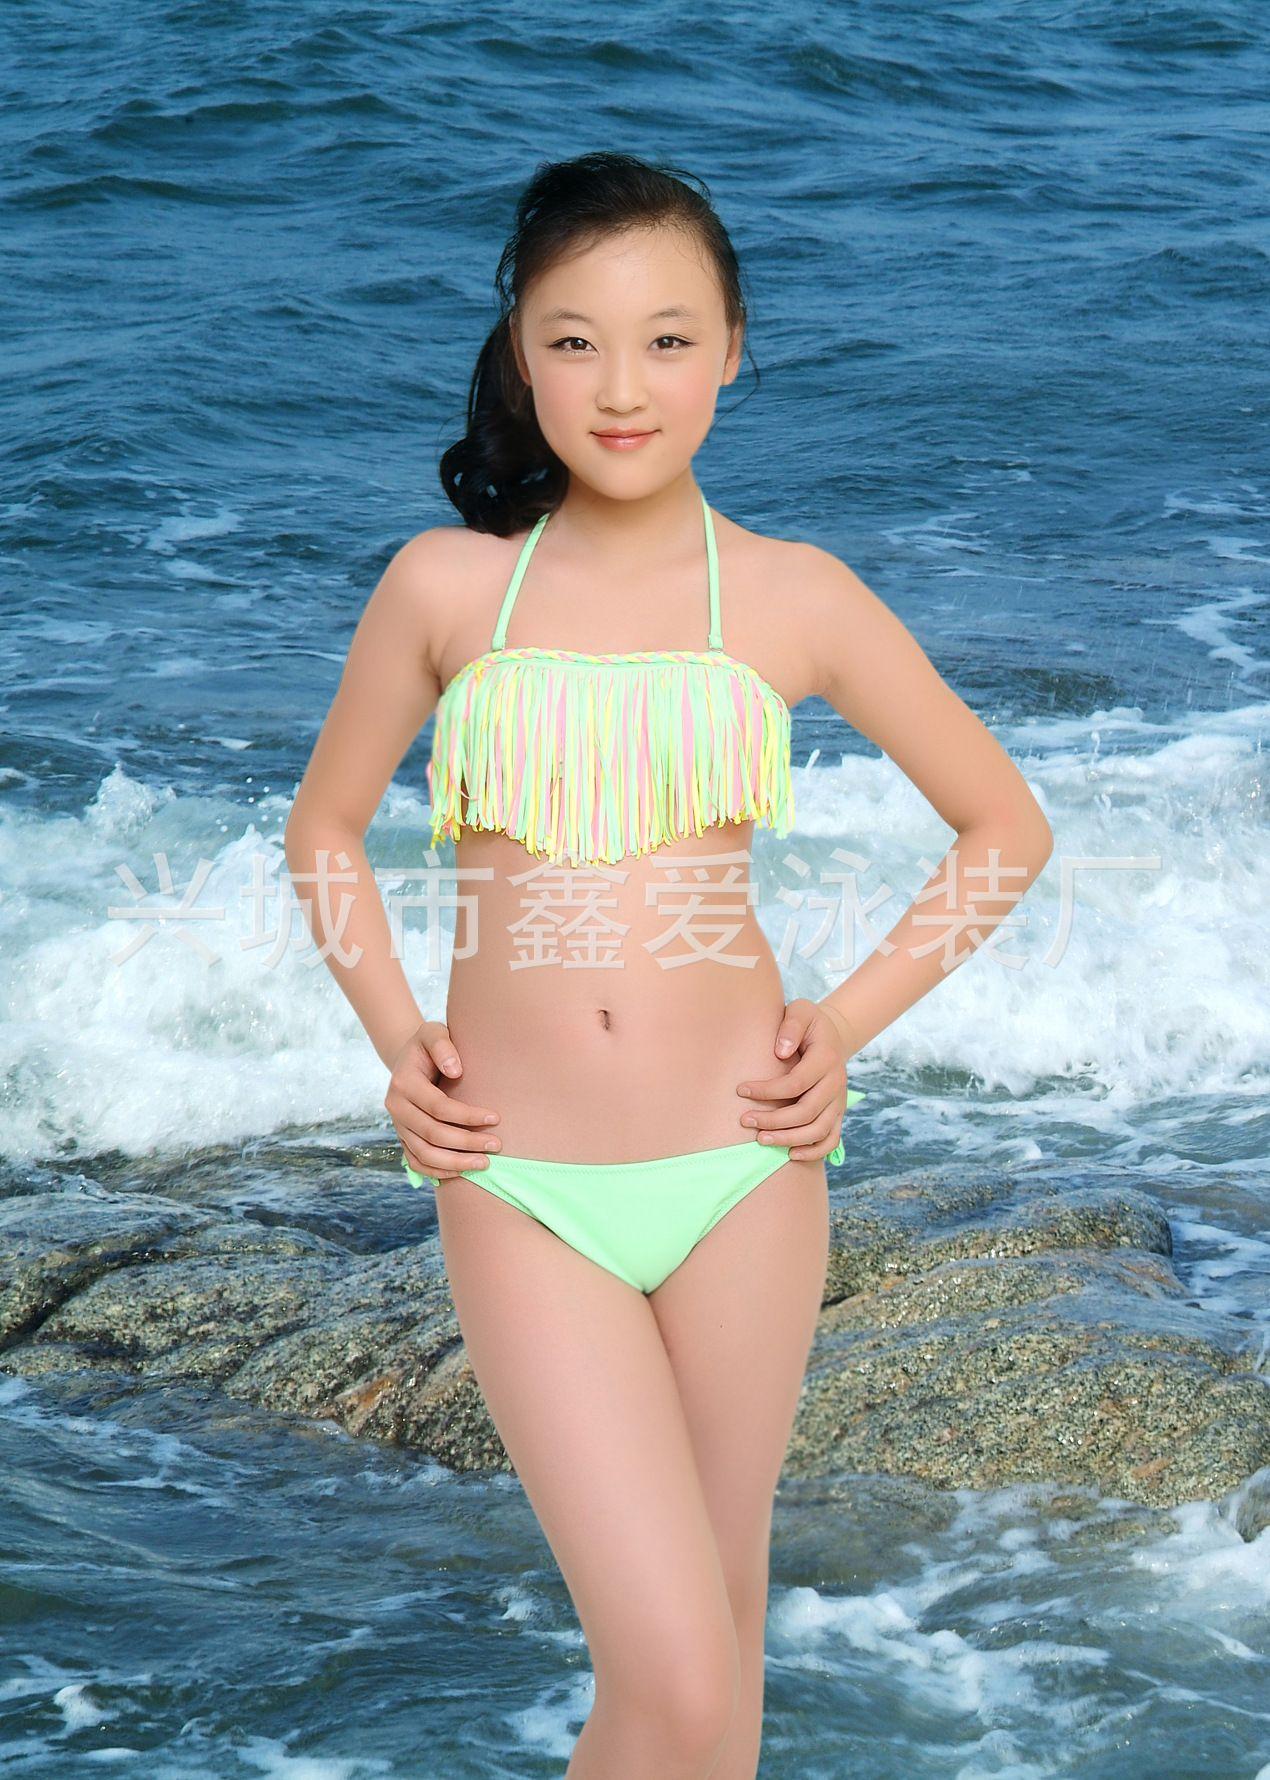 Acheter Gland Enfants Filles Maillots De Bain Bikini Bébé Fille Maillots De Bain Maillots De Bain Bikini Costumes De Bain Pour 3 12ans Livraison